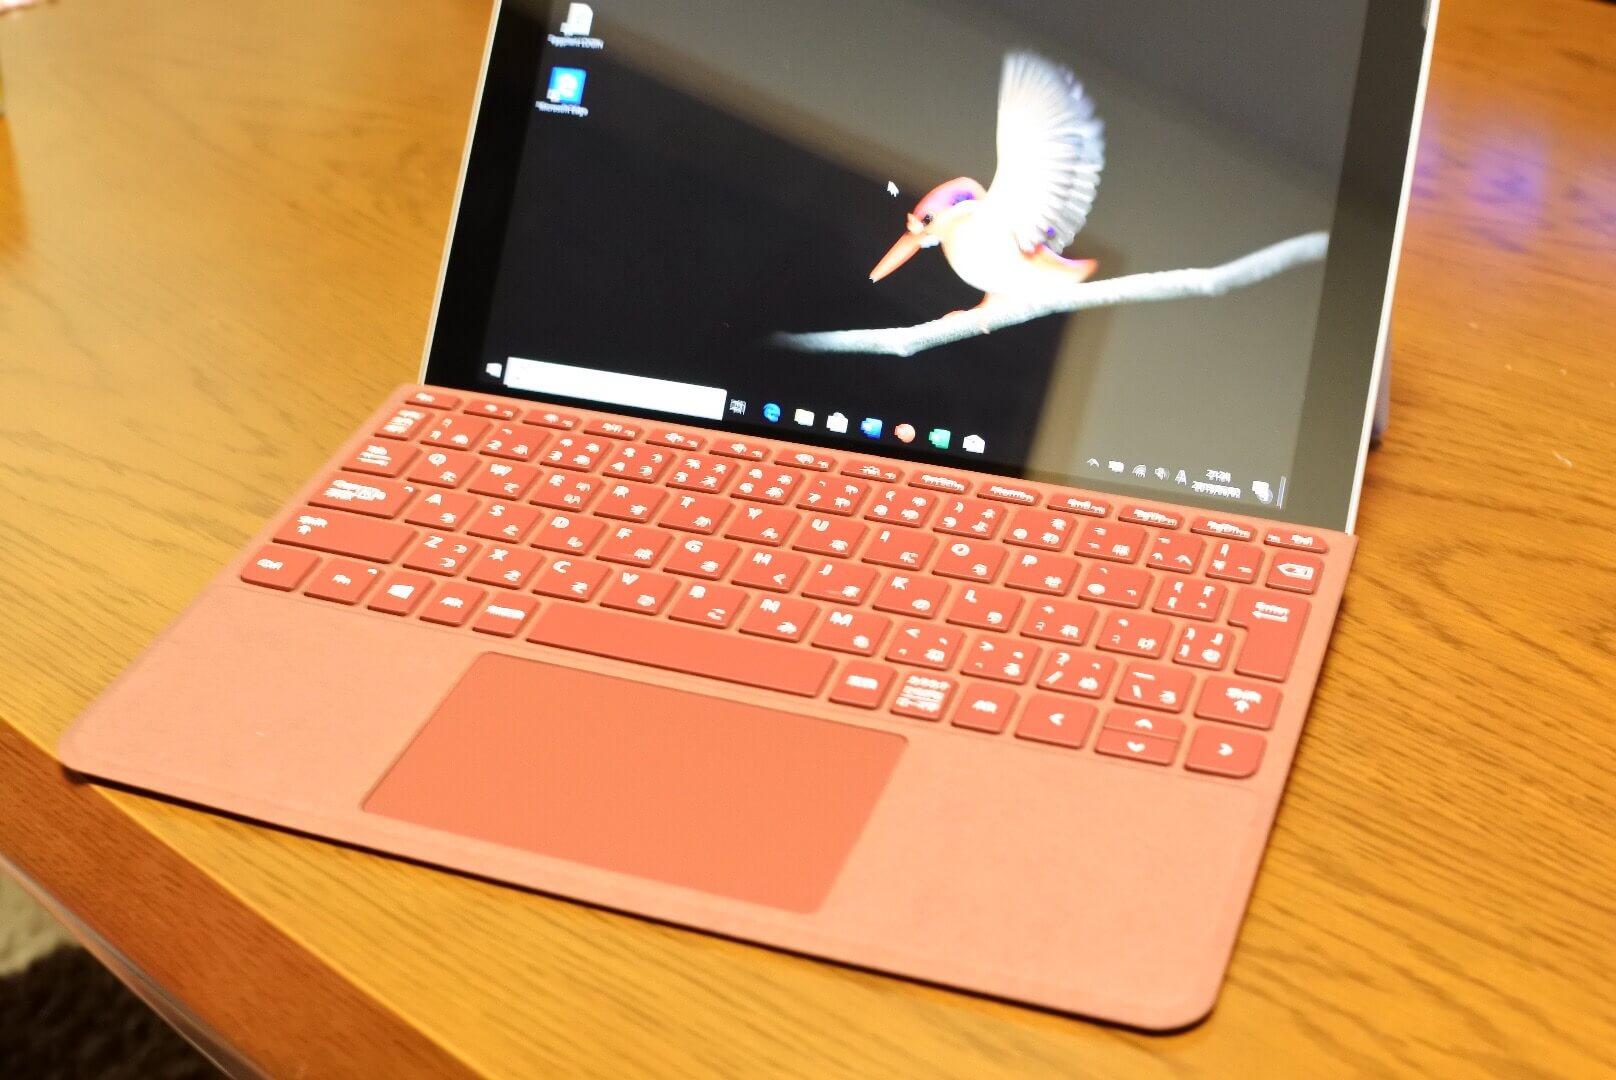 アルカンターラ素材の上質な手触り。 Surface Go用タイプカバー開封〜使用感レビュー